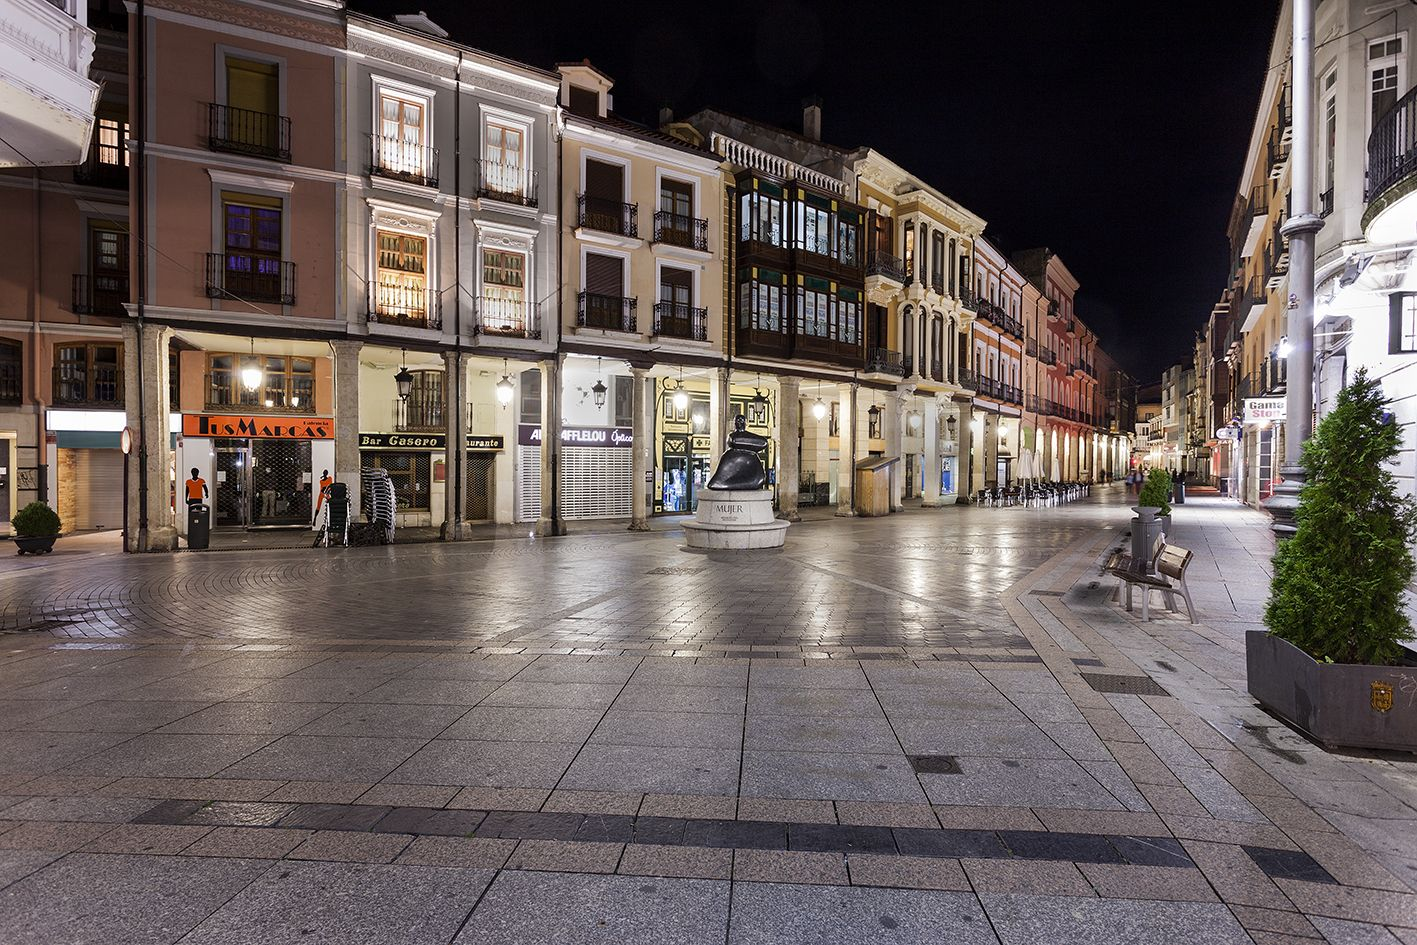 La Calle Mayor de #Palencia. El lugar idóneo donde pasear y hacer nuestras compras en la ciudad. No te lo piensas más y ven con Avexperience :D